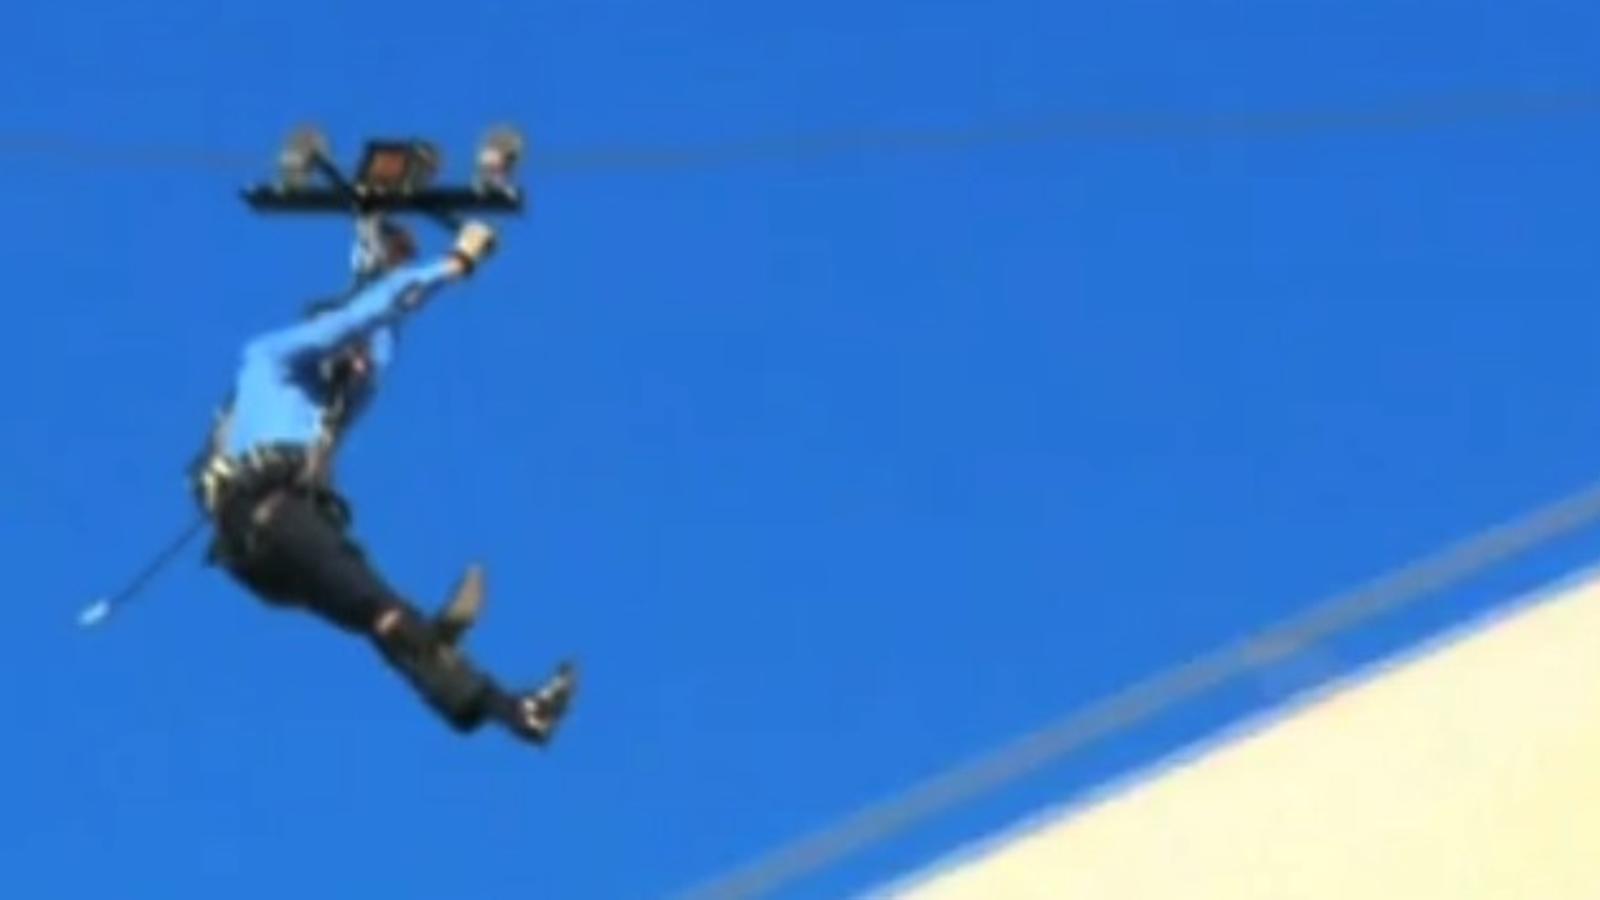 Hugh Jackman pateix un petit accident durant un show d'Oprah Winfrey a Austràlia